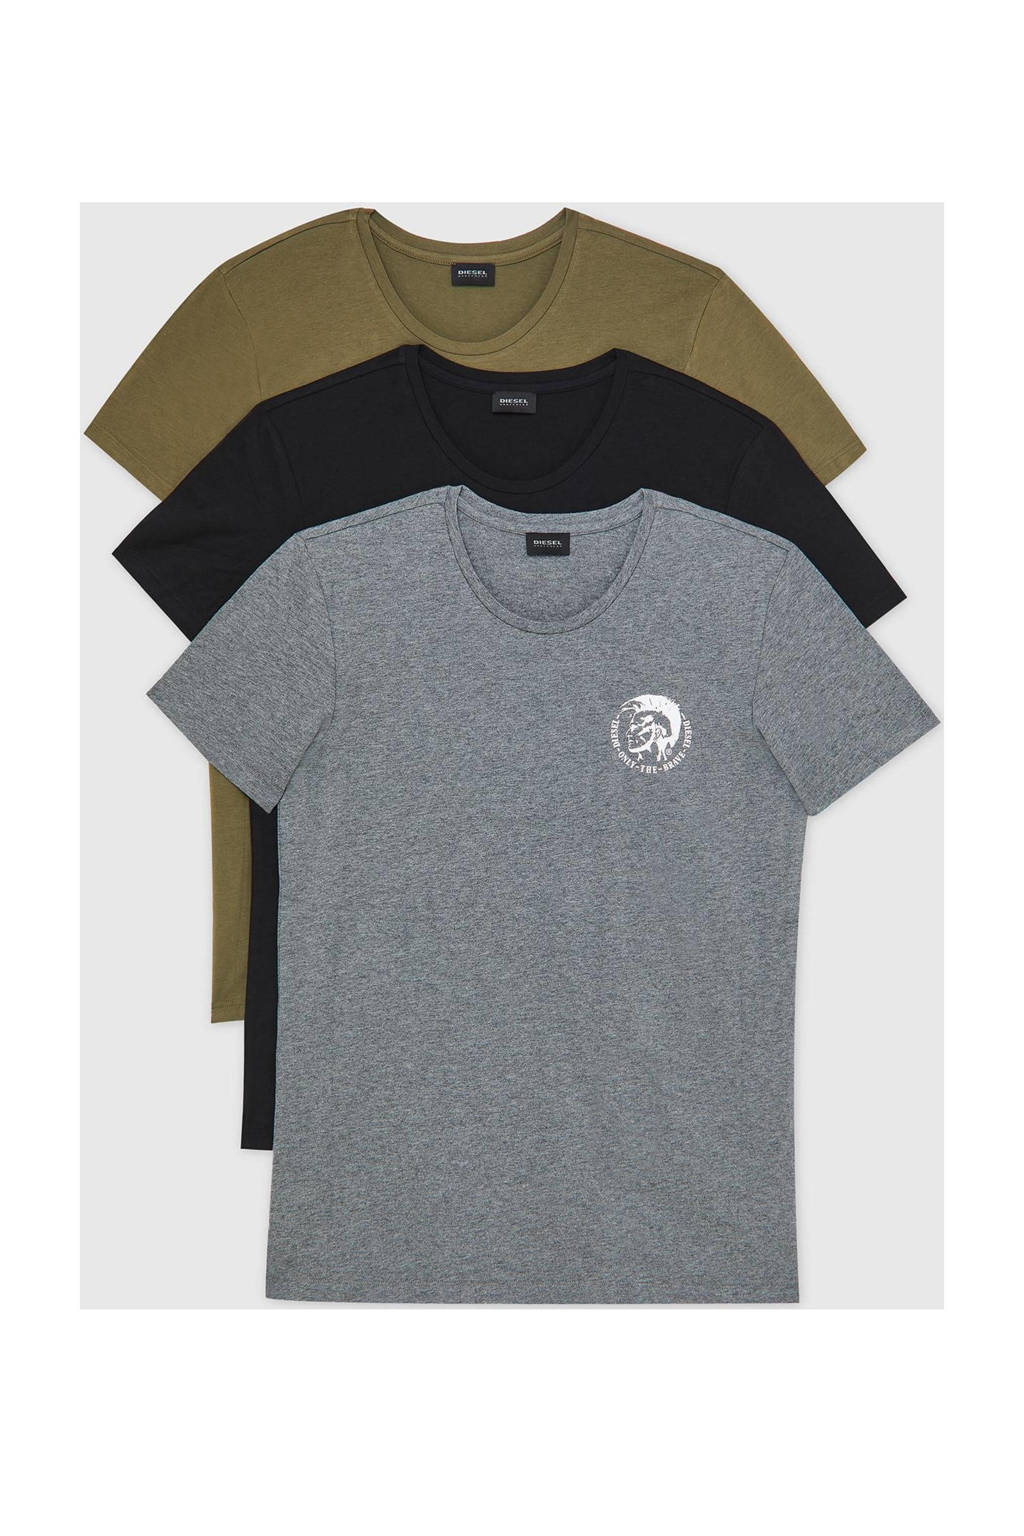 Diesel T-shirt - (set van 3), Groen/zwart/grijs